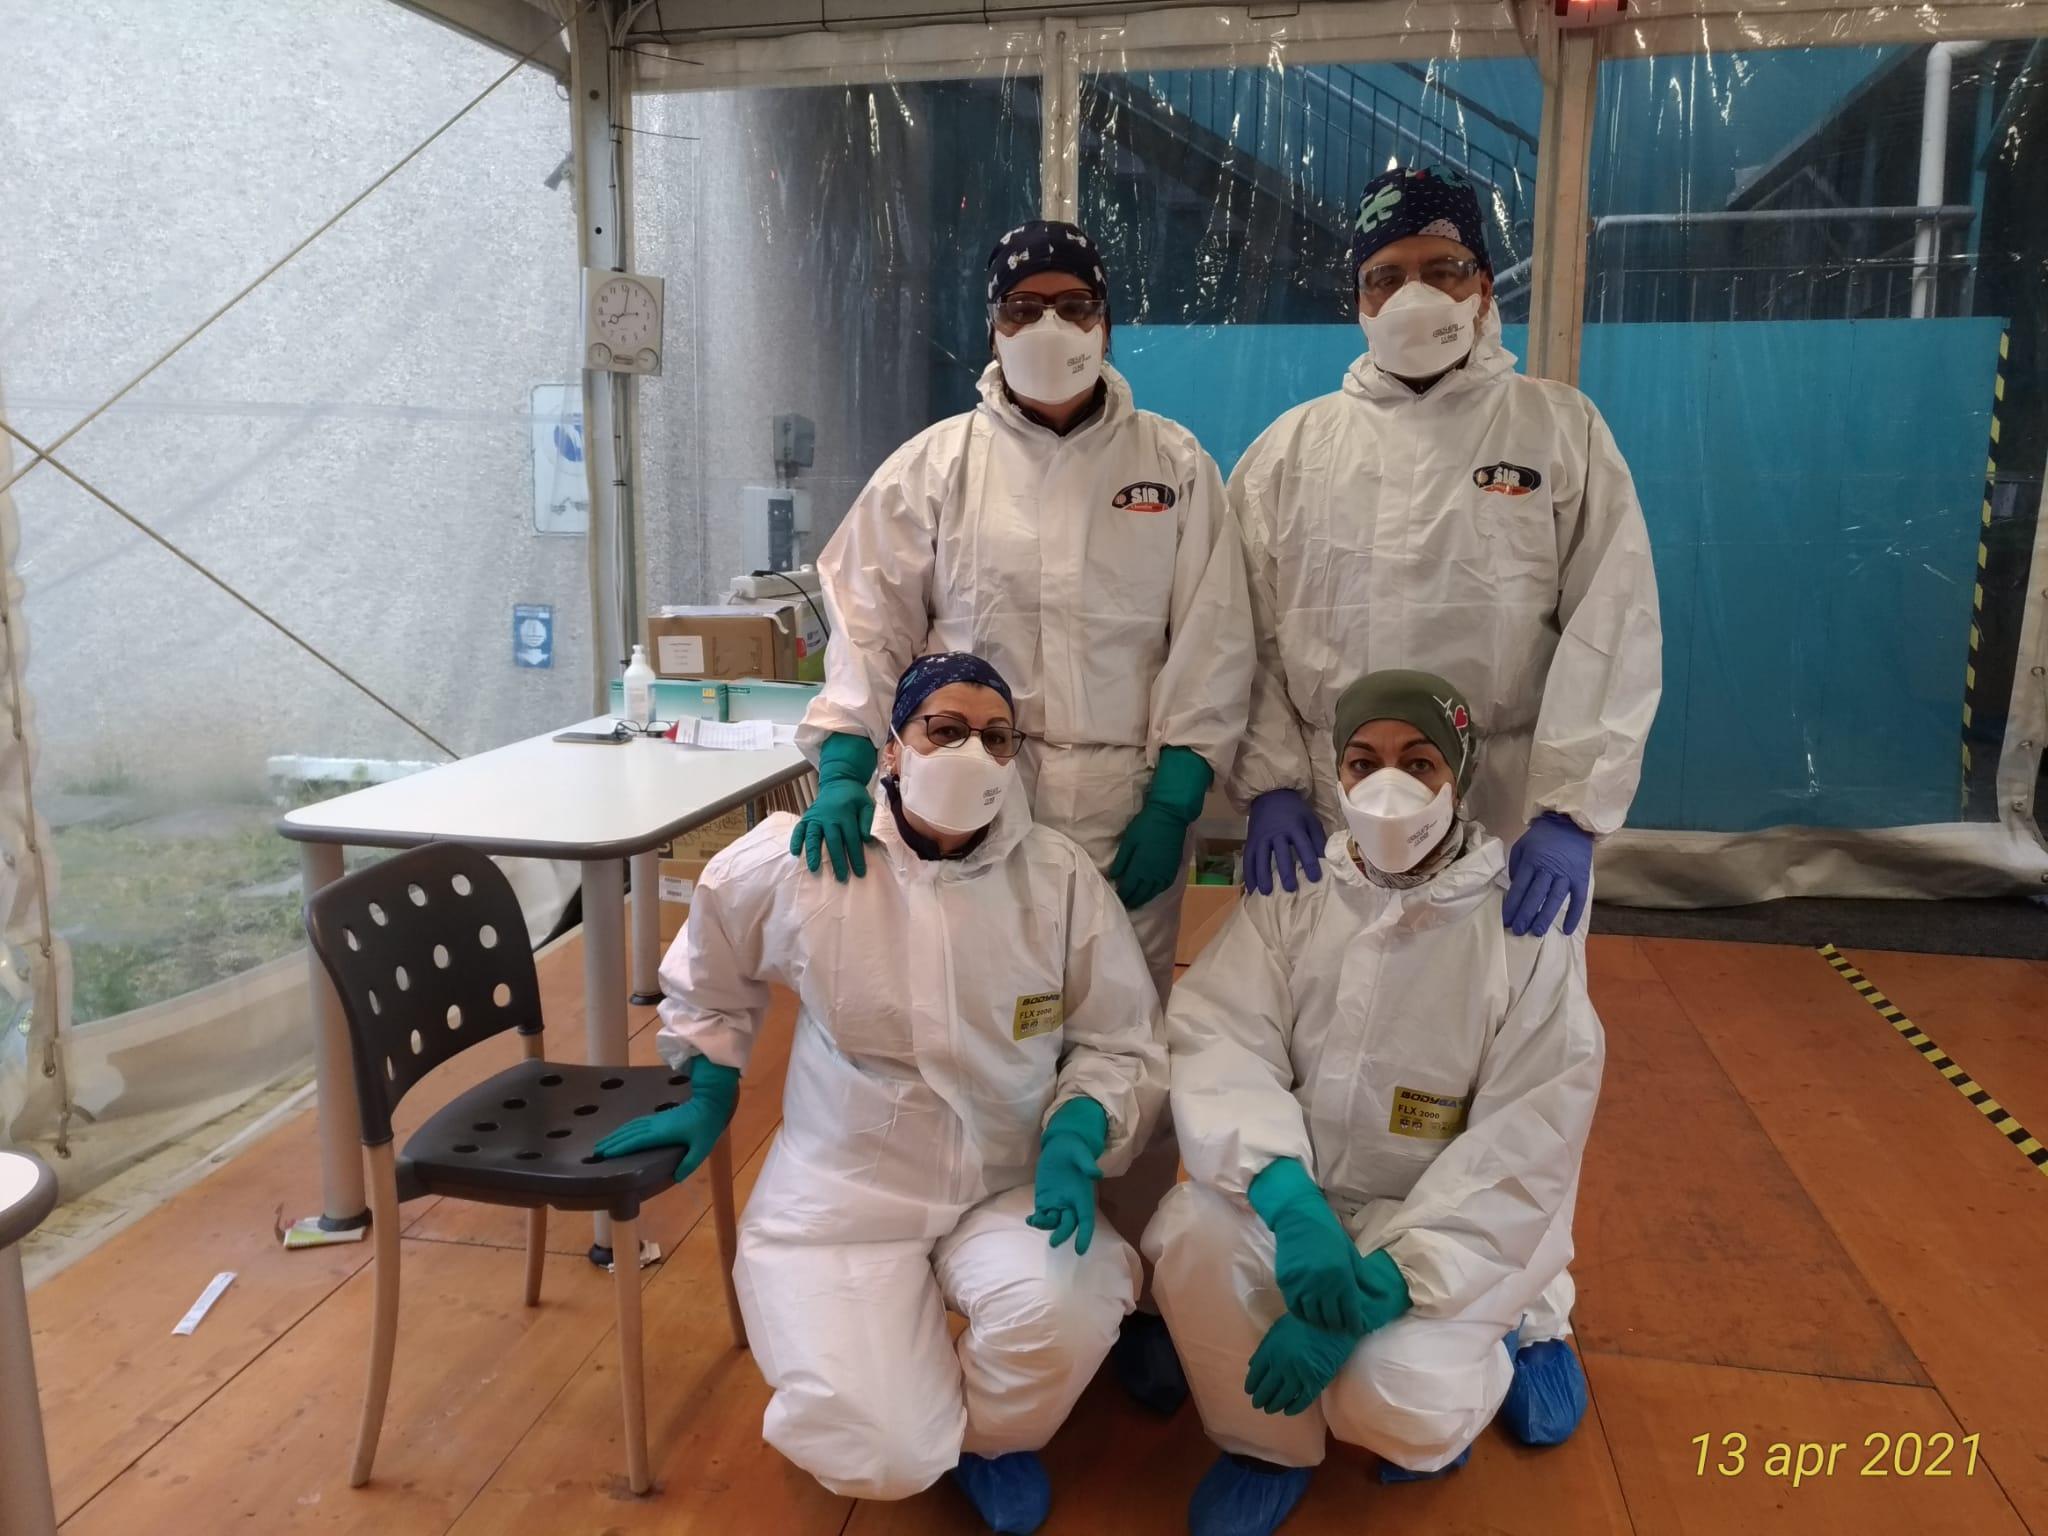 Squadra tamponi all'IRCCS Pavia